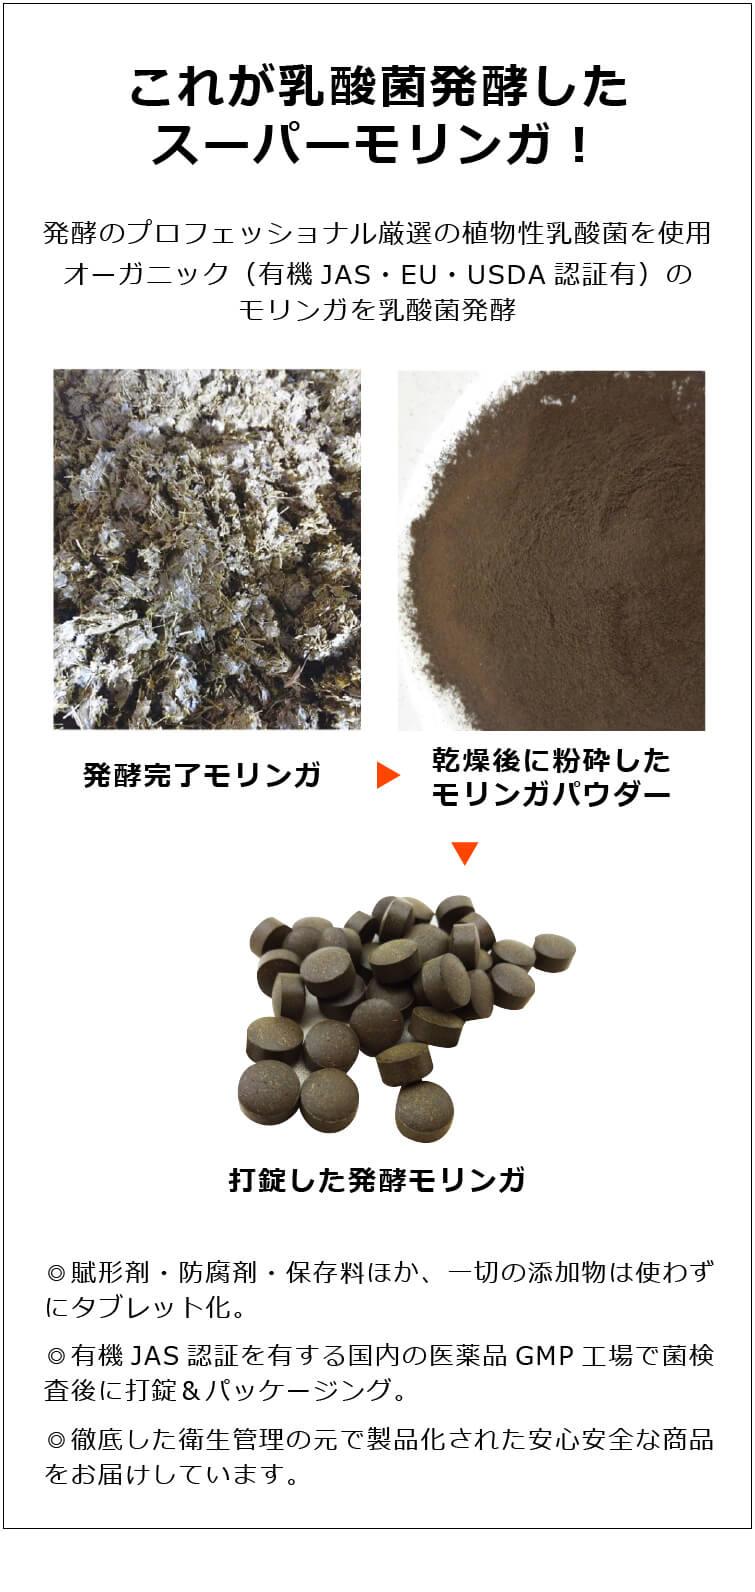 オーガニック発酵スーパーモリンガ これが乳酸菌発酵したスーパーモリンガ!